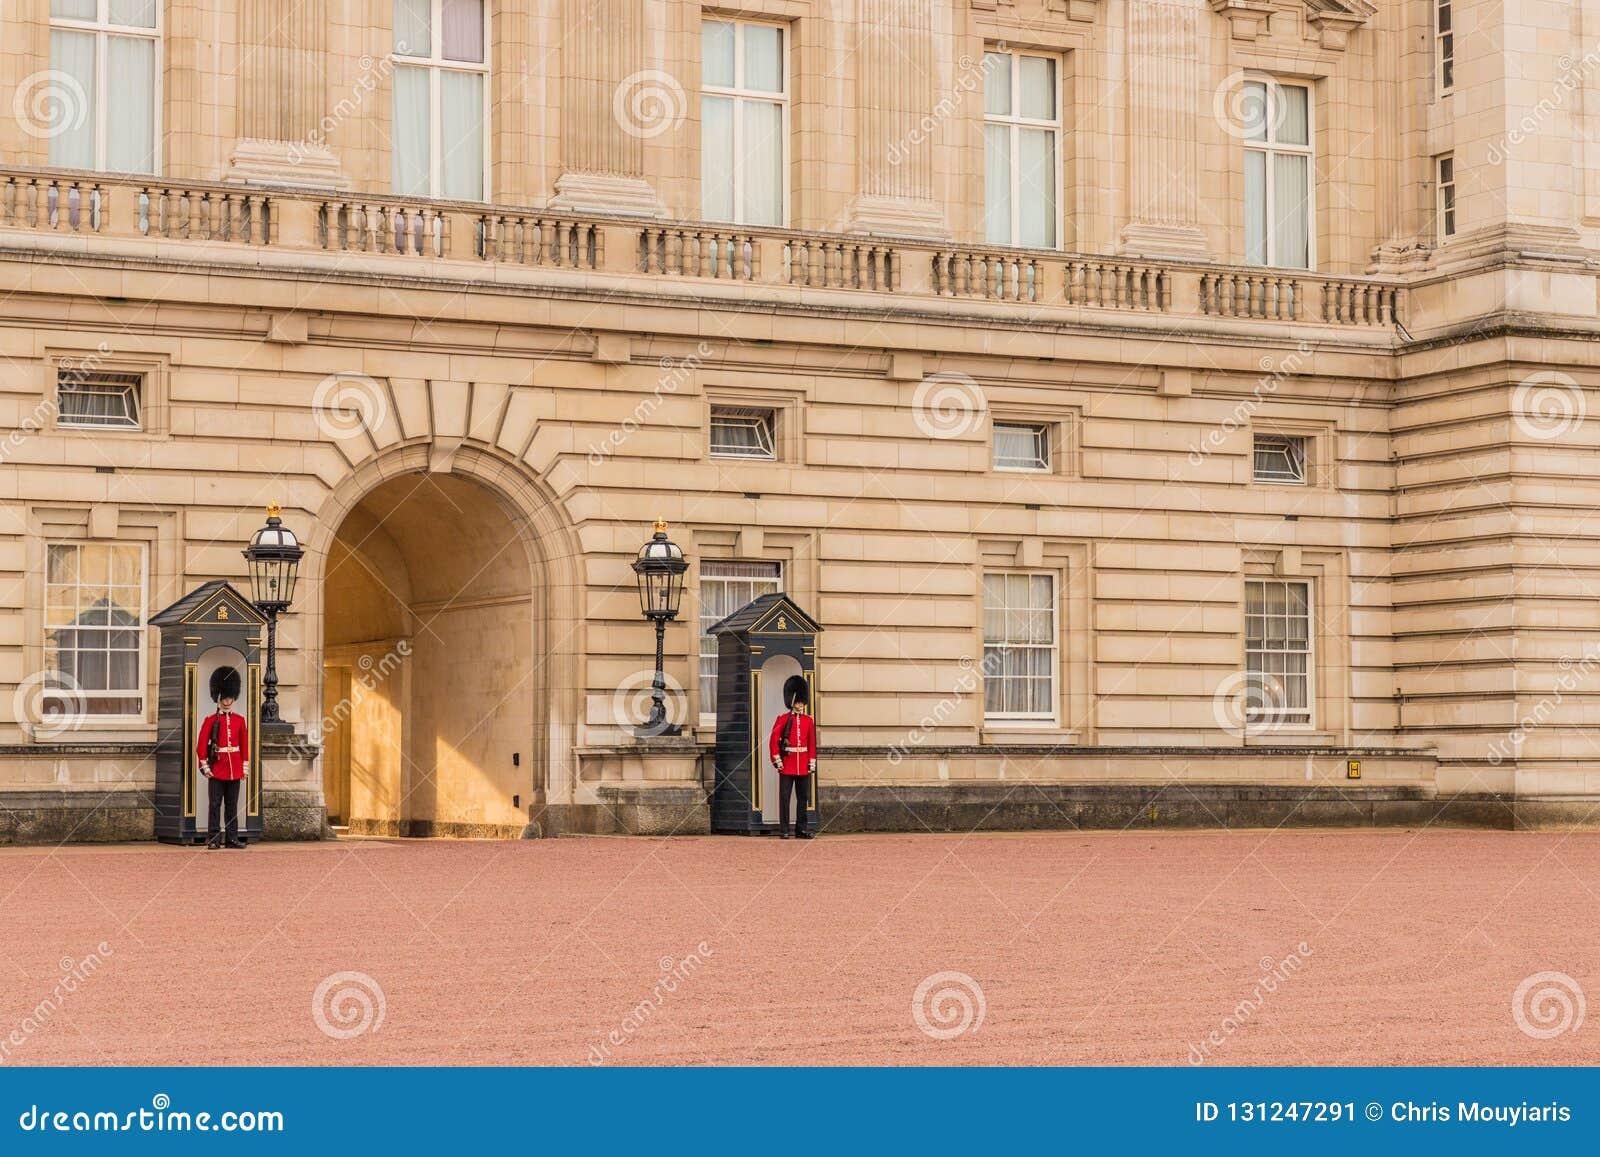 Eine typische Ansicht am Buckingham Palace